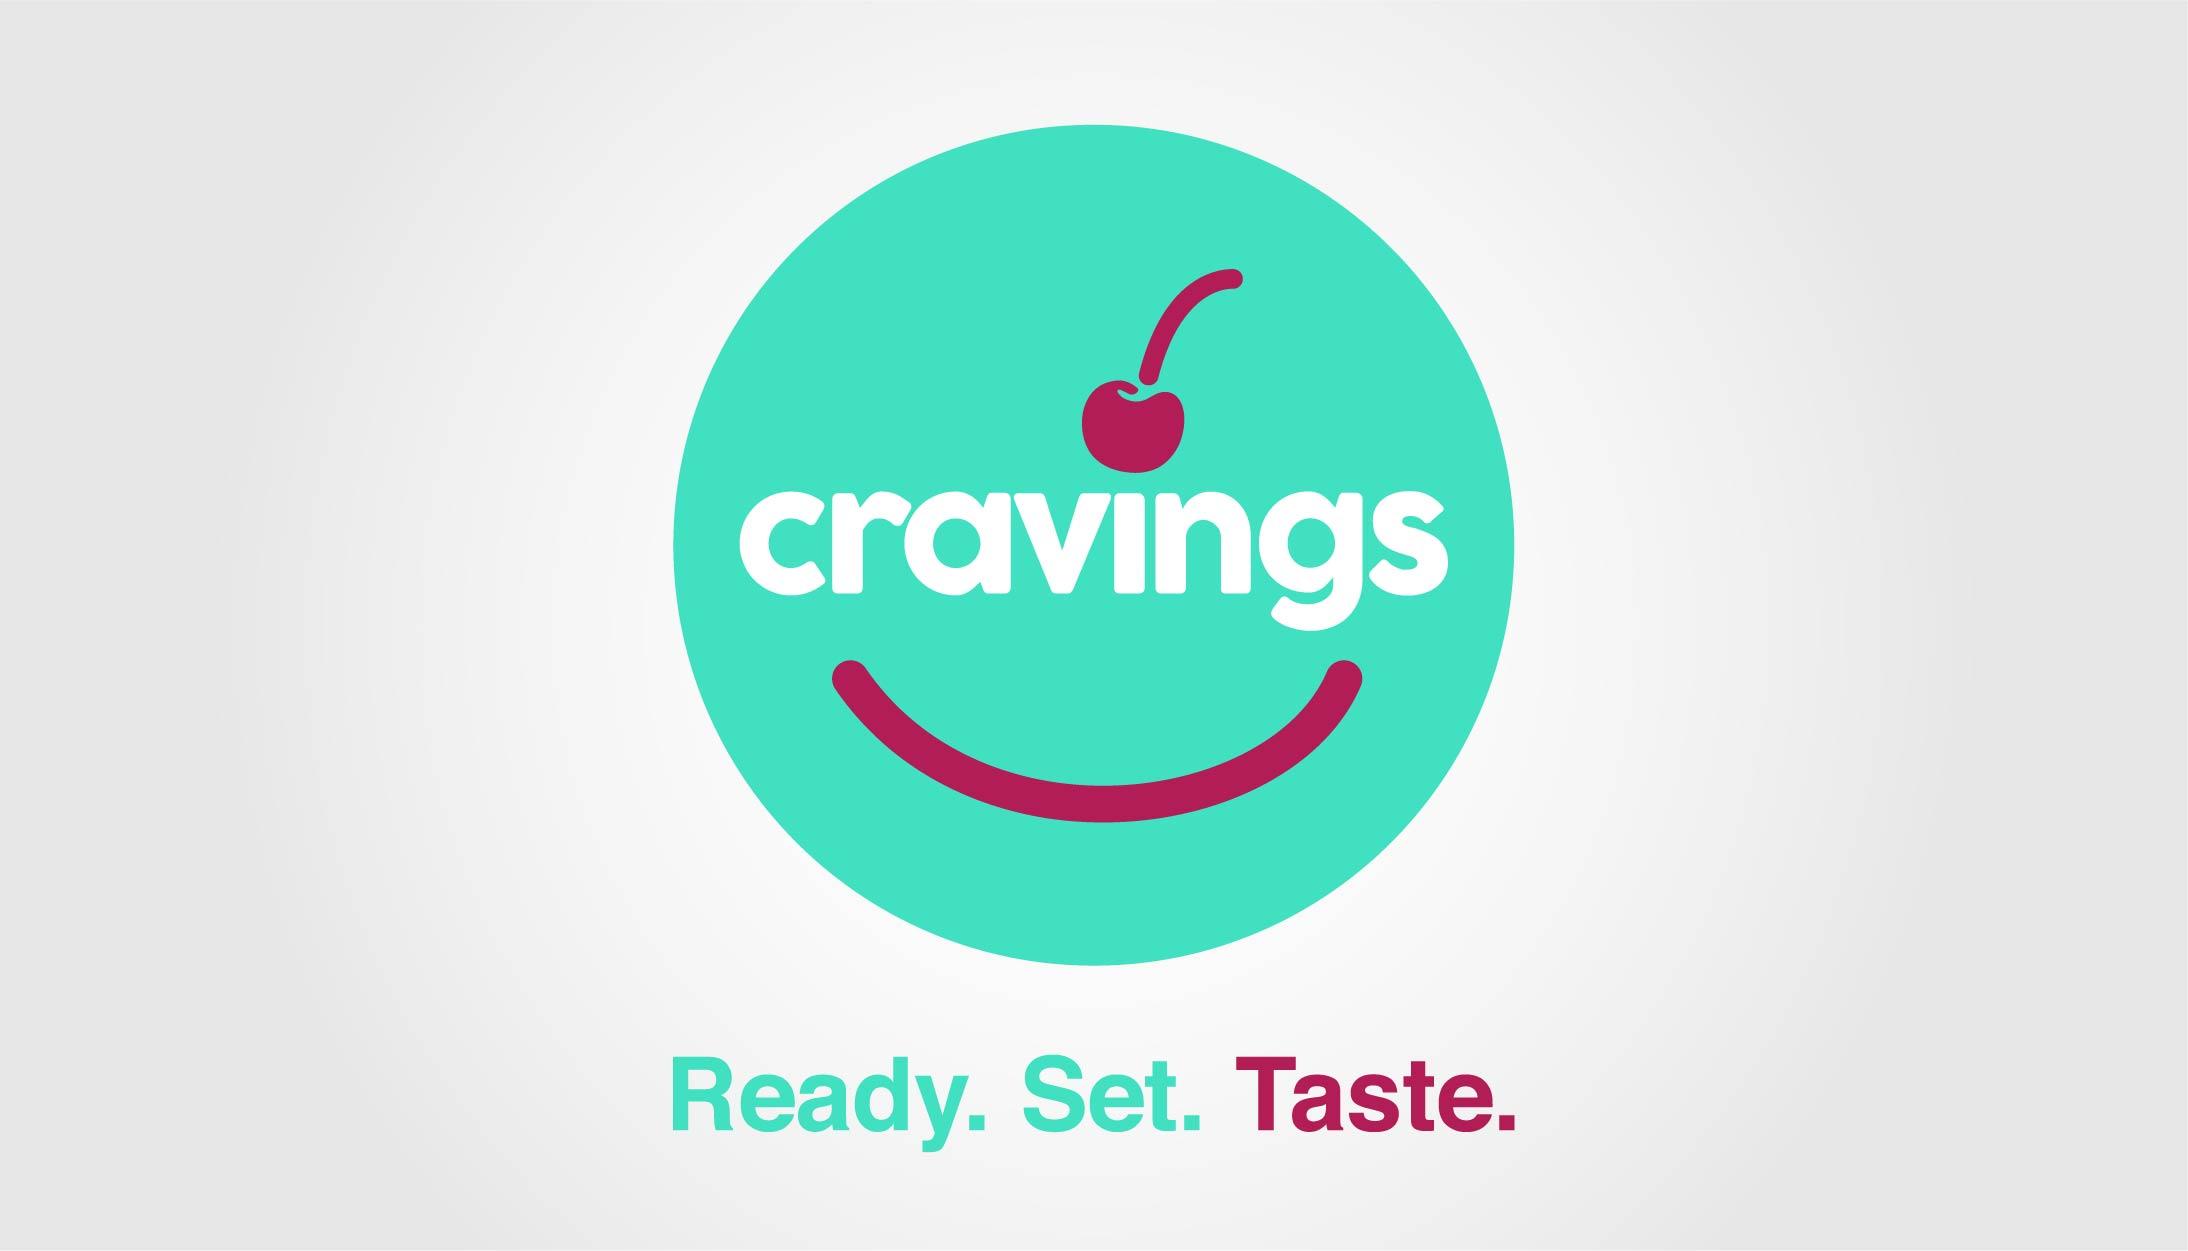 cravings_CLR.jpg